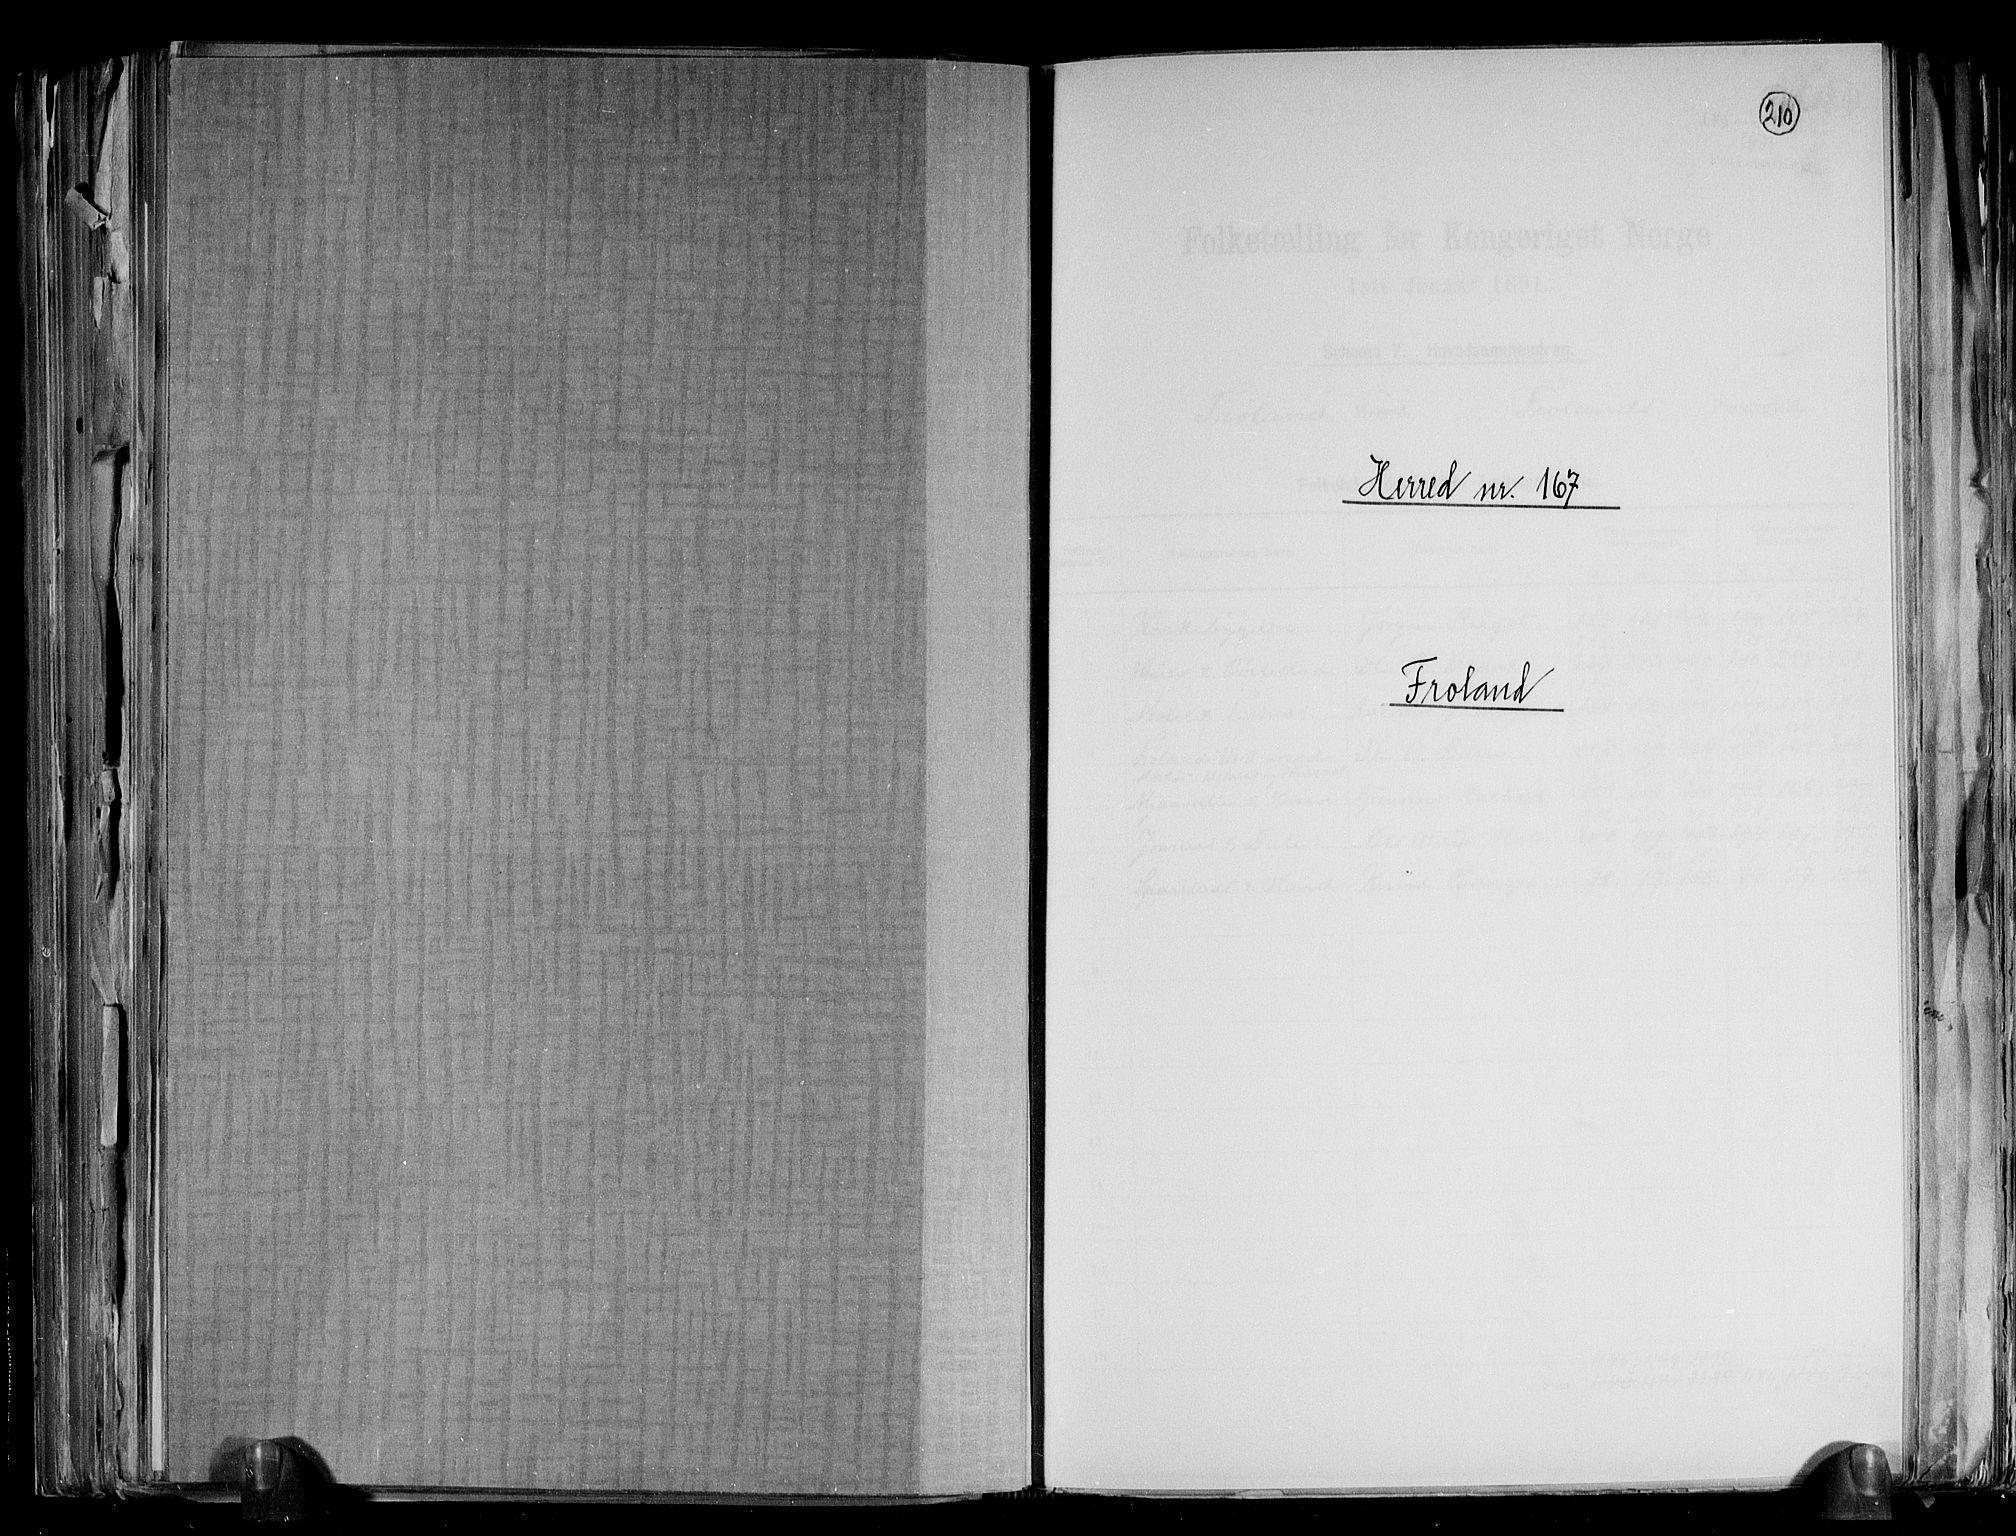 RA, Folketelling 1891 for 0919 Froland herred, 1891, s. 1